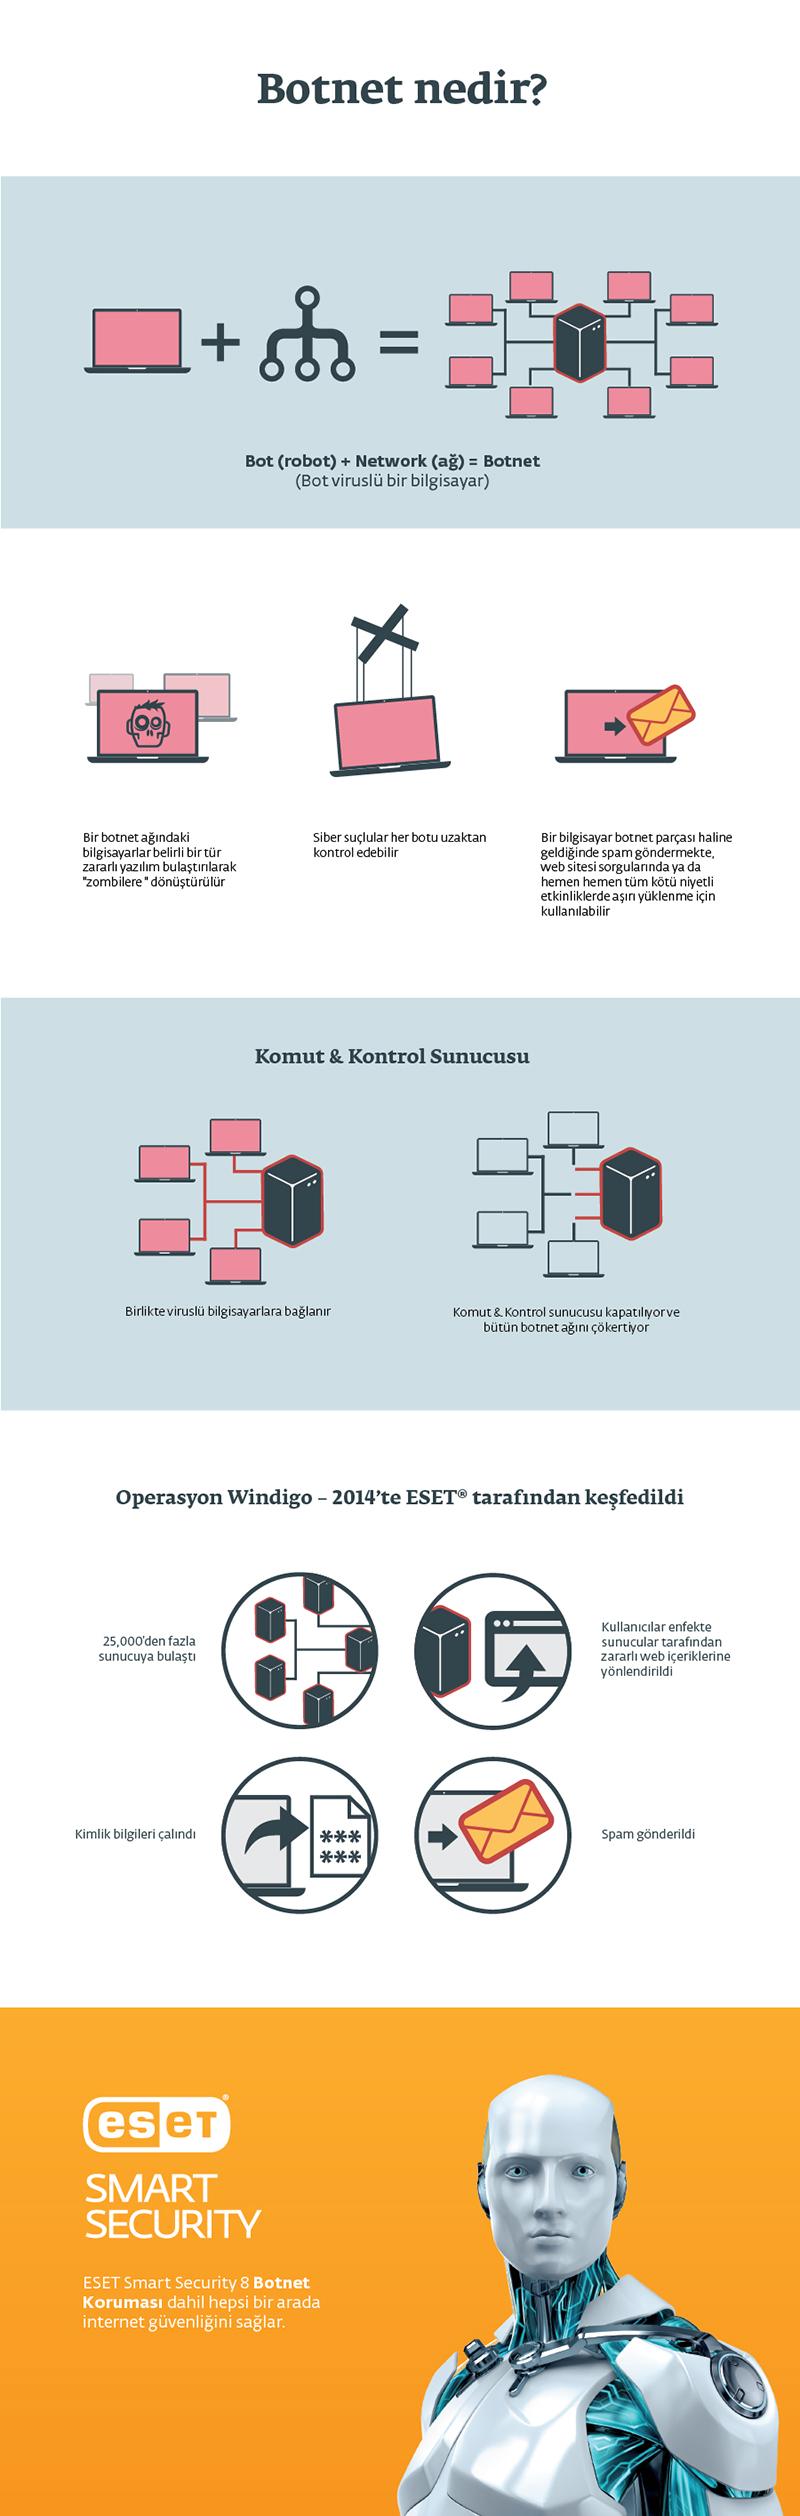 Botnet-Nedir